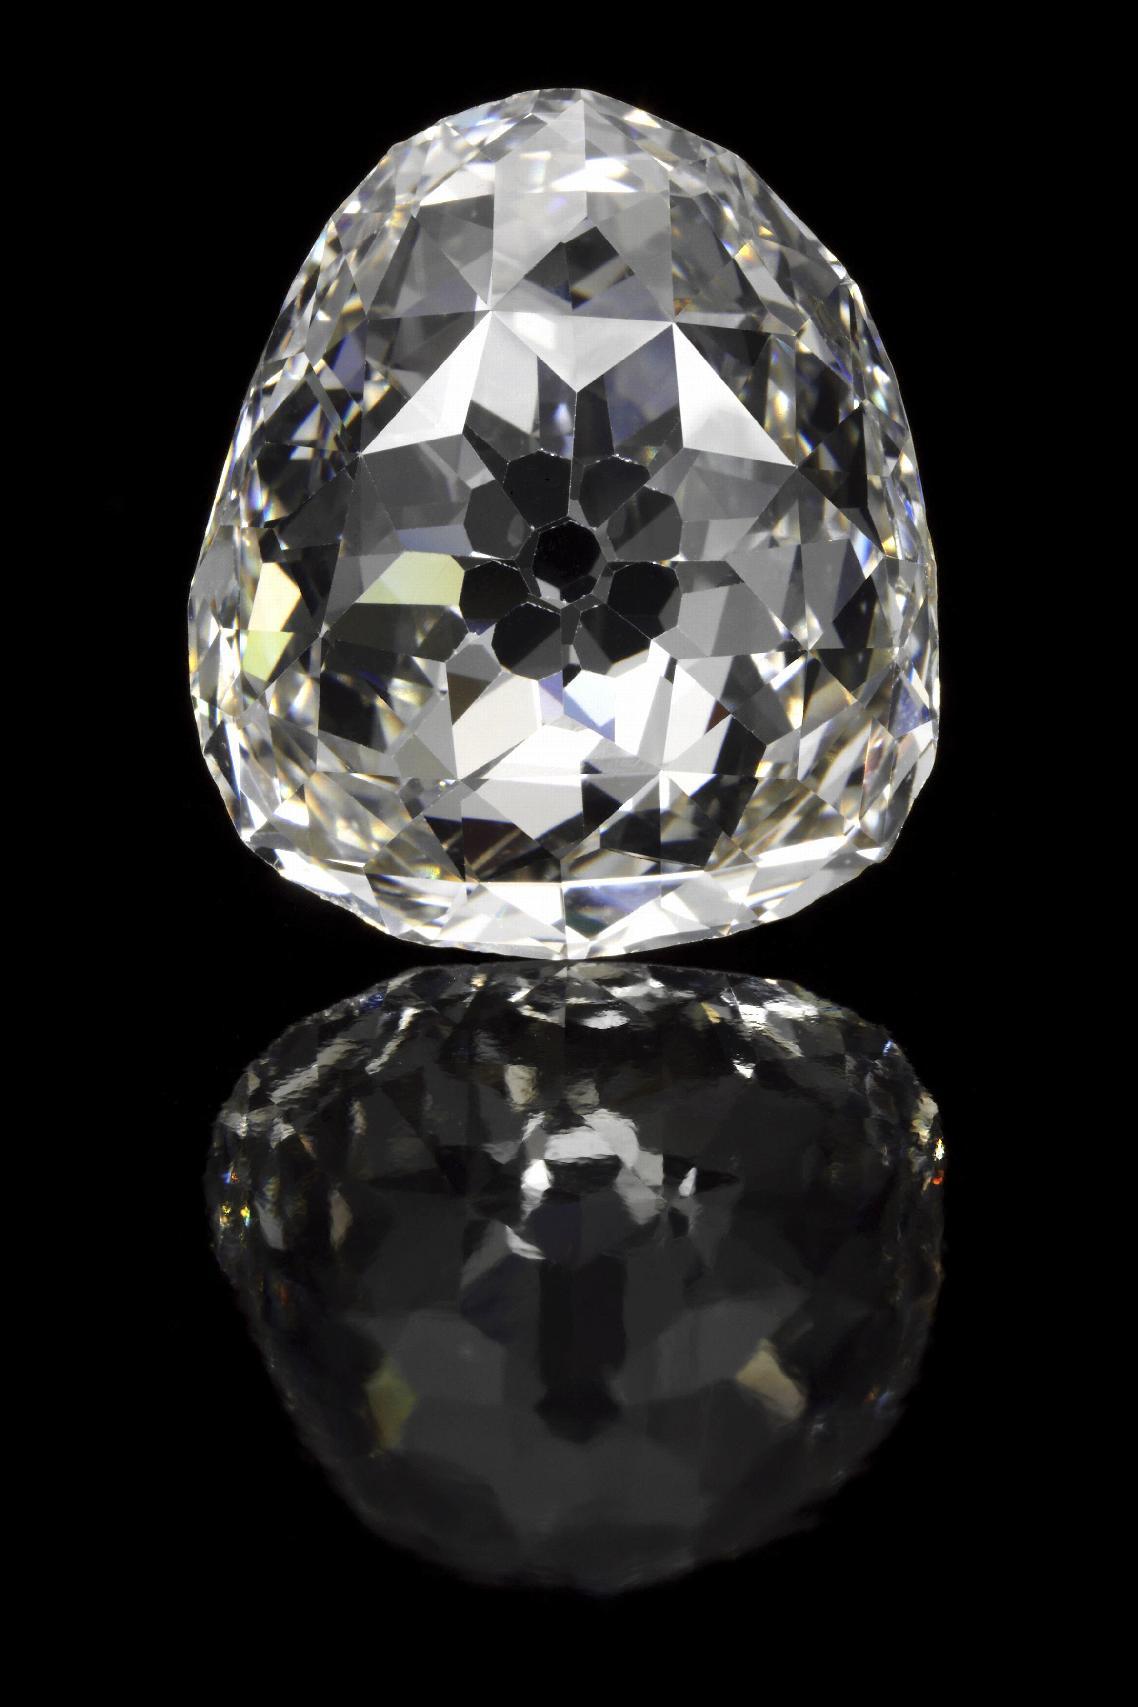 יהלום סנסי